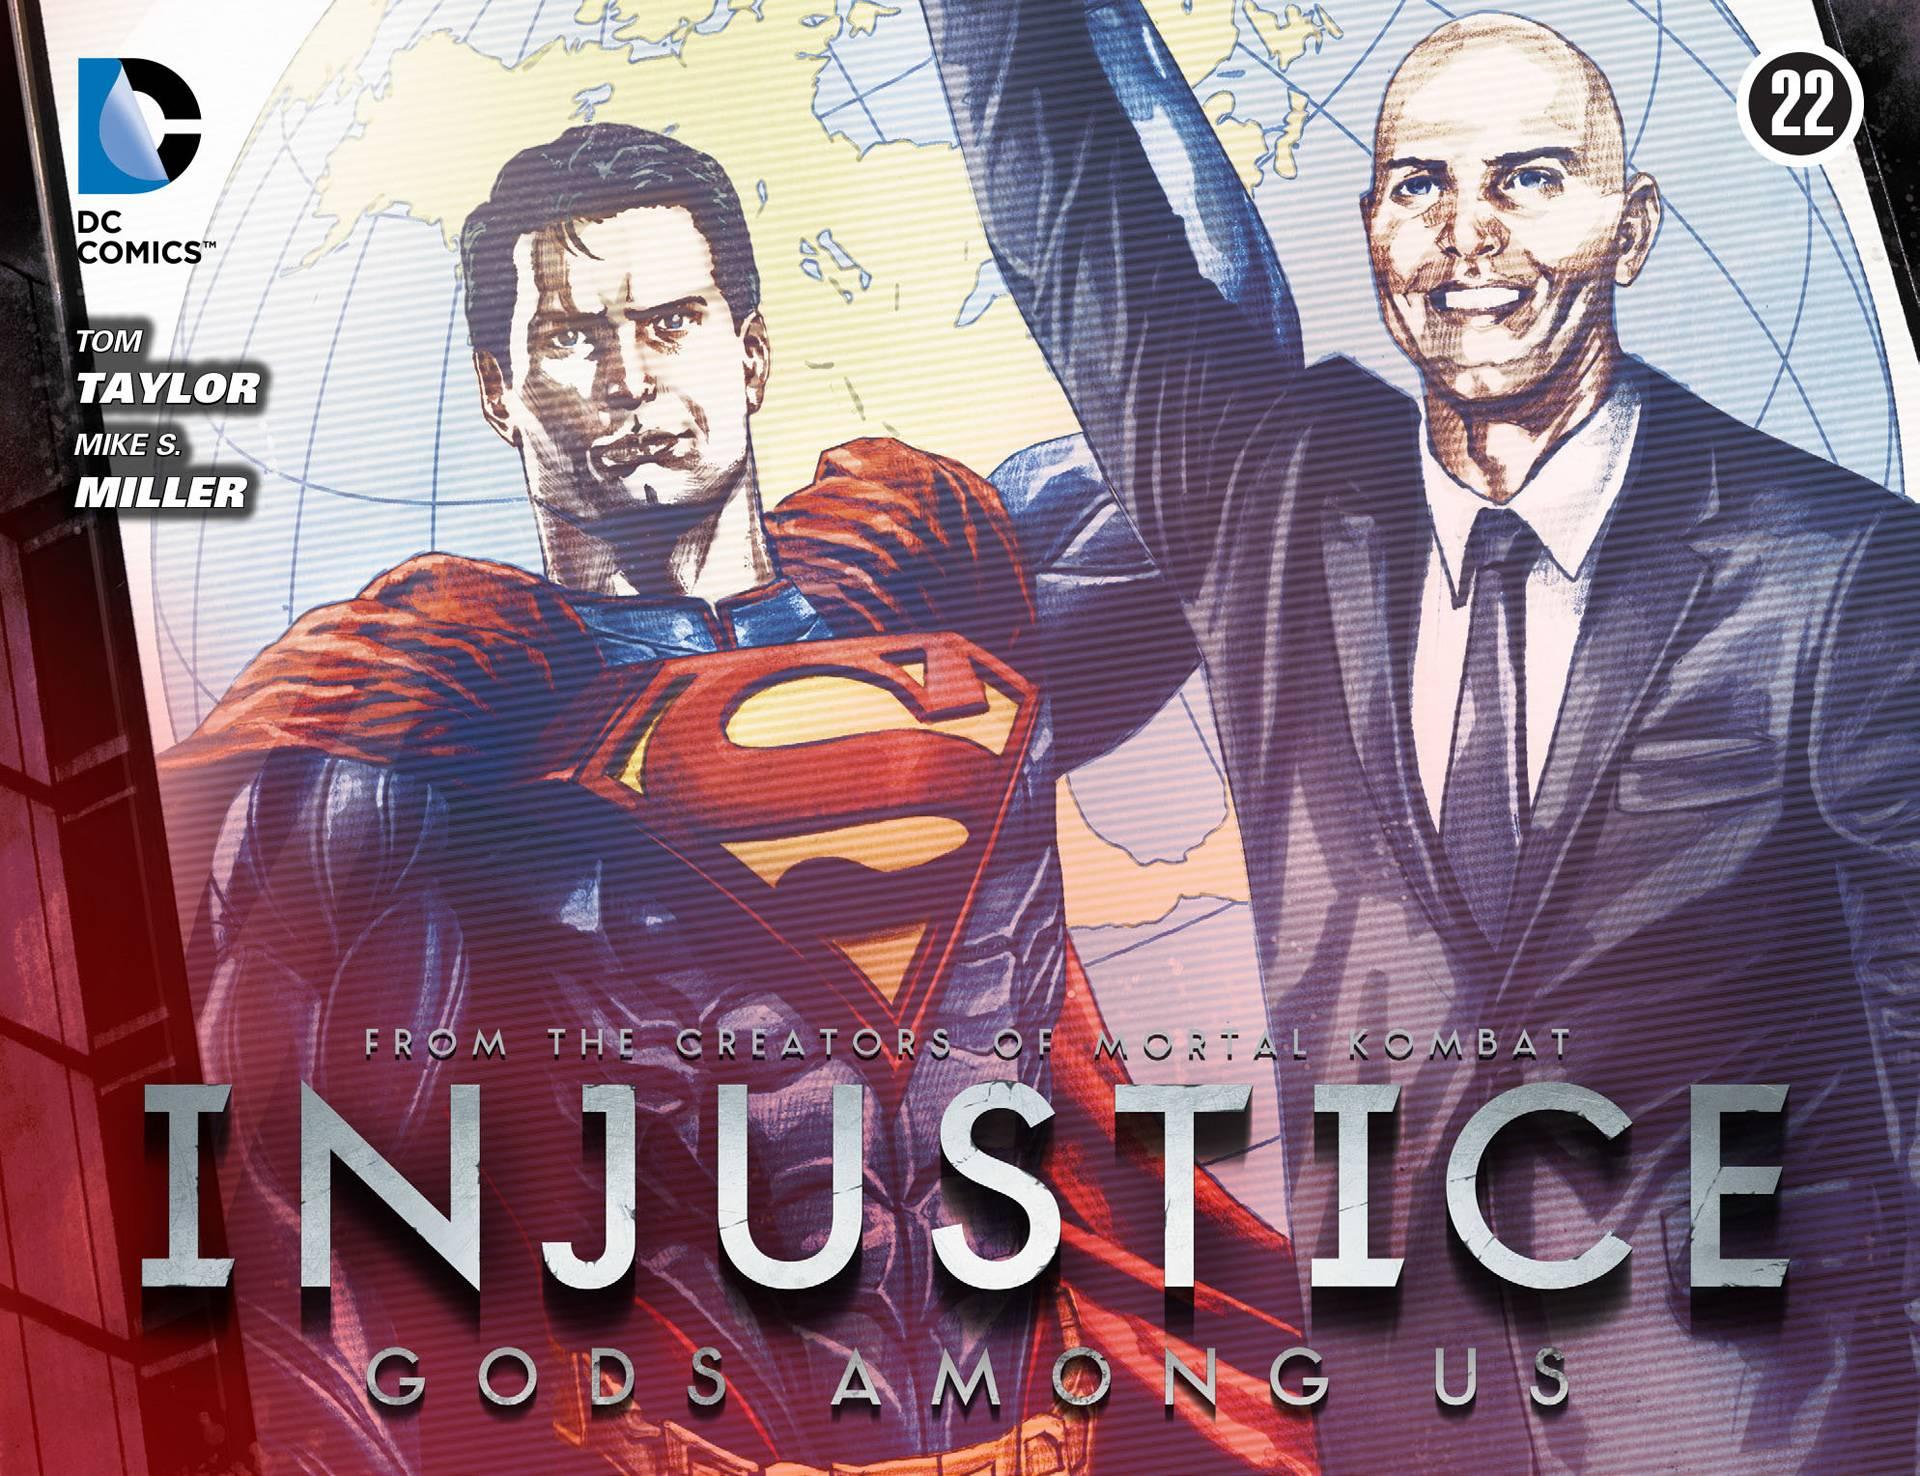 Несправедливость: Боги Среди Нас №22 онлайн